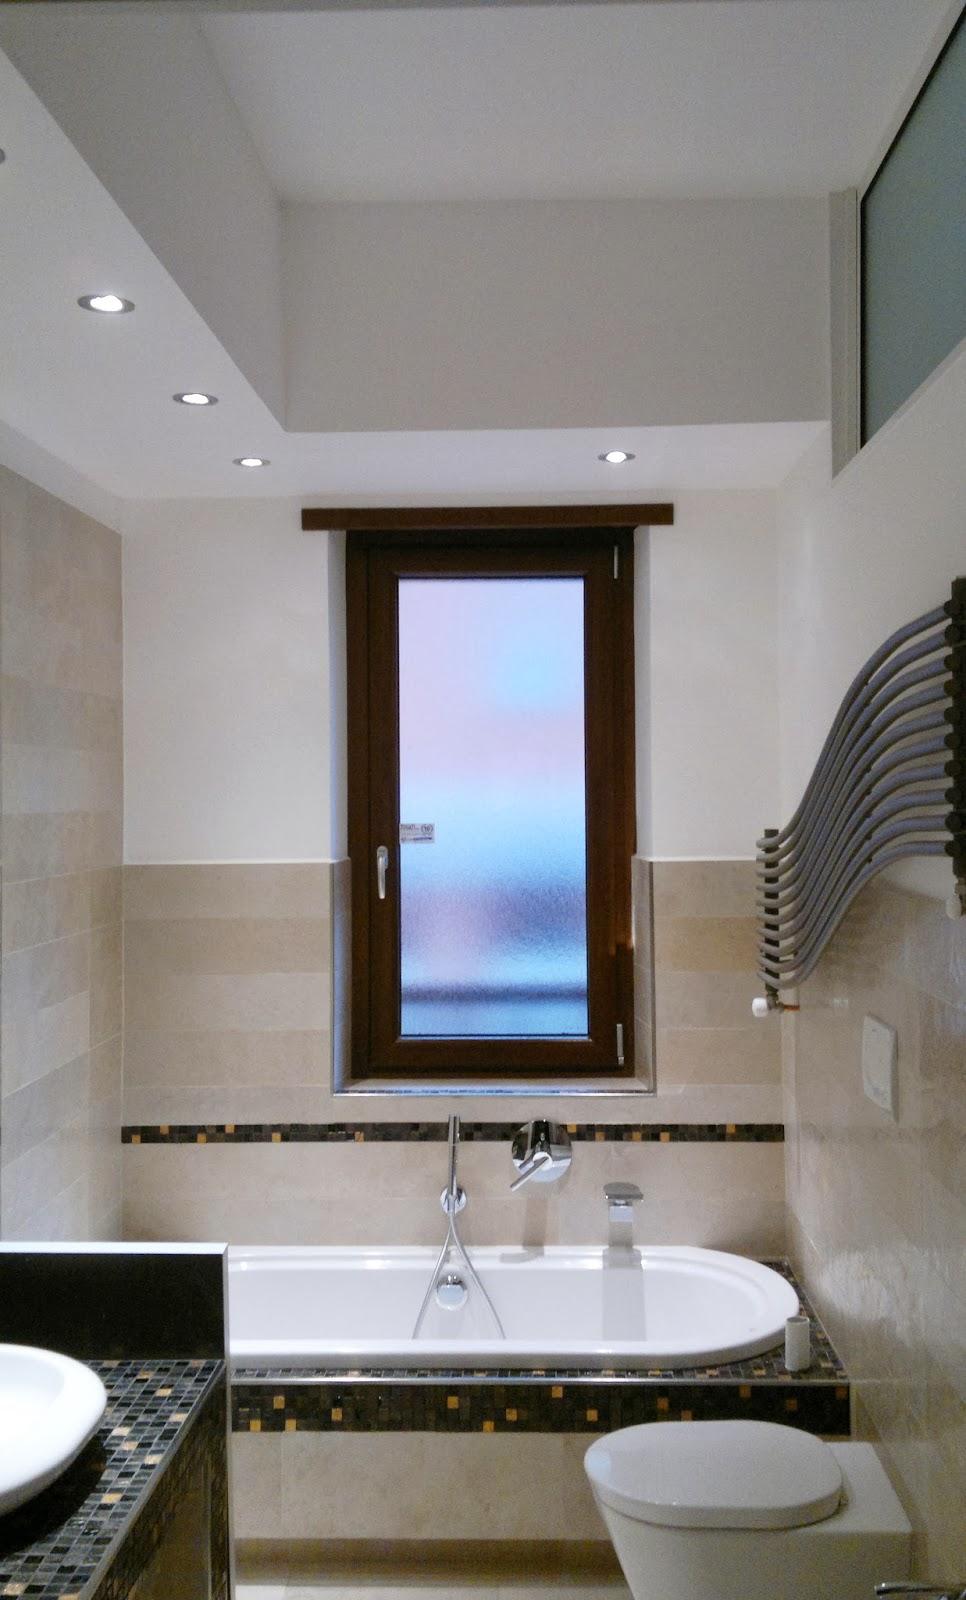 Illuminazione led casa gennaio 2014 - Illuminazione bagno con faretti ...